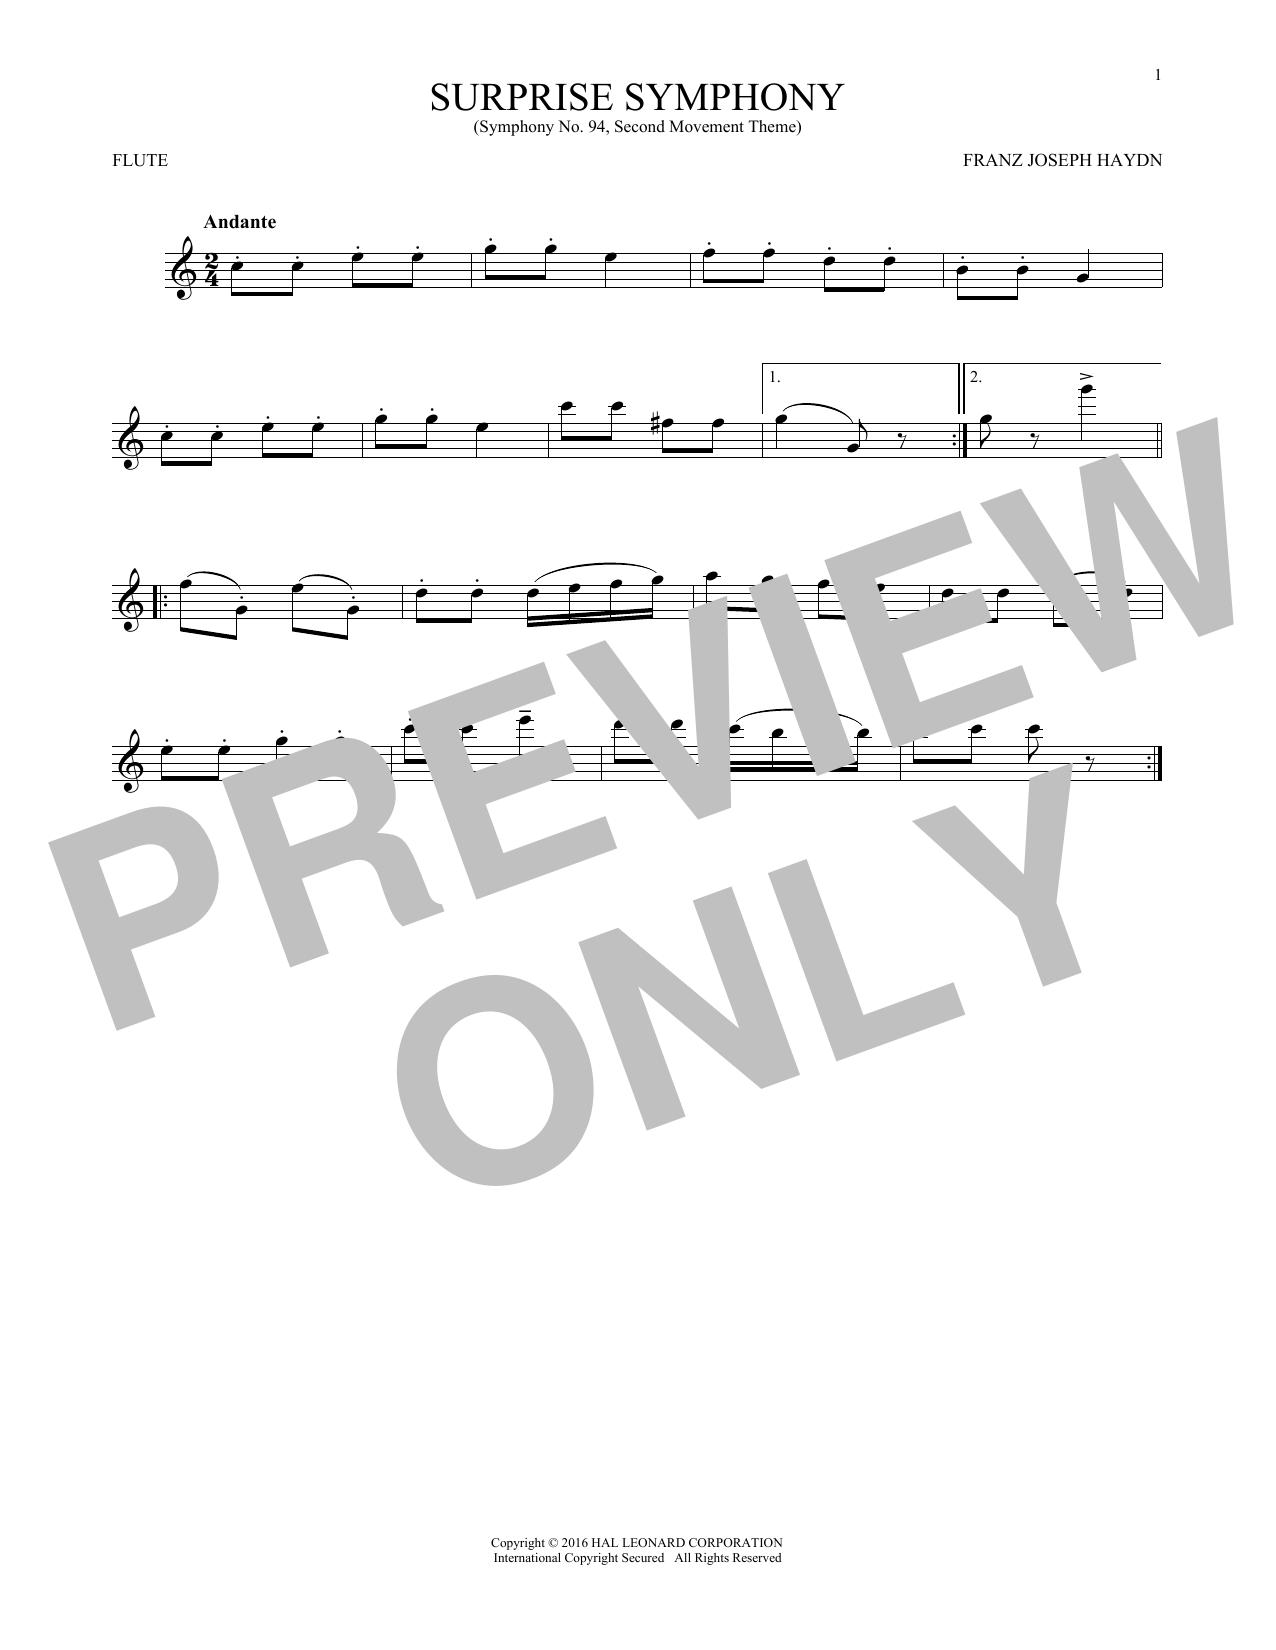 The Surprise Symphony (Flute Solo)